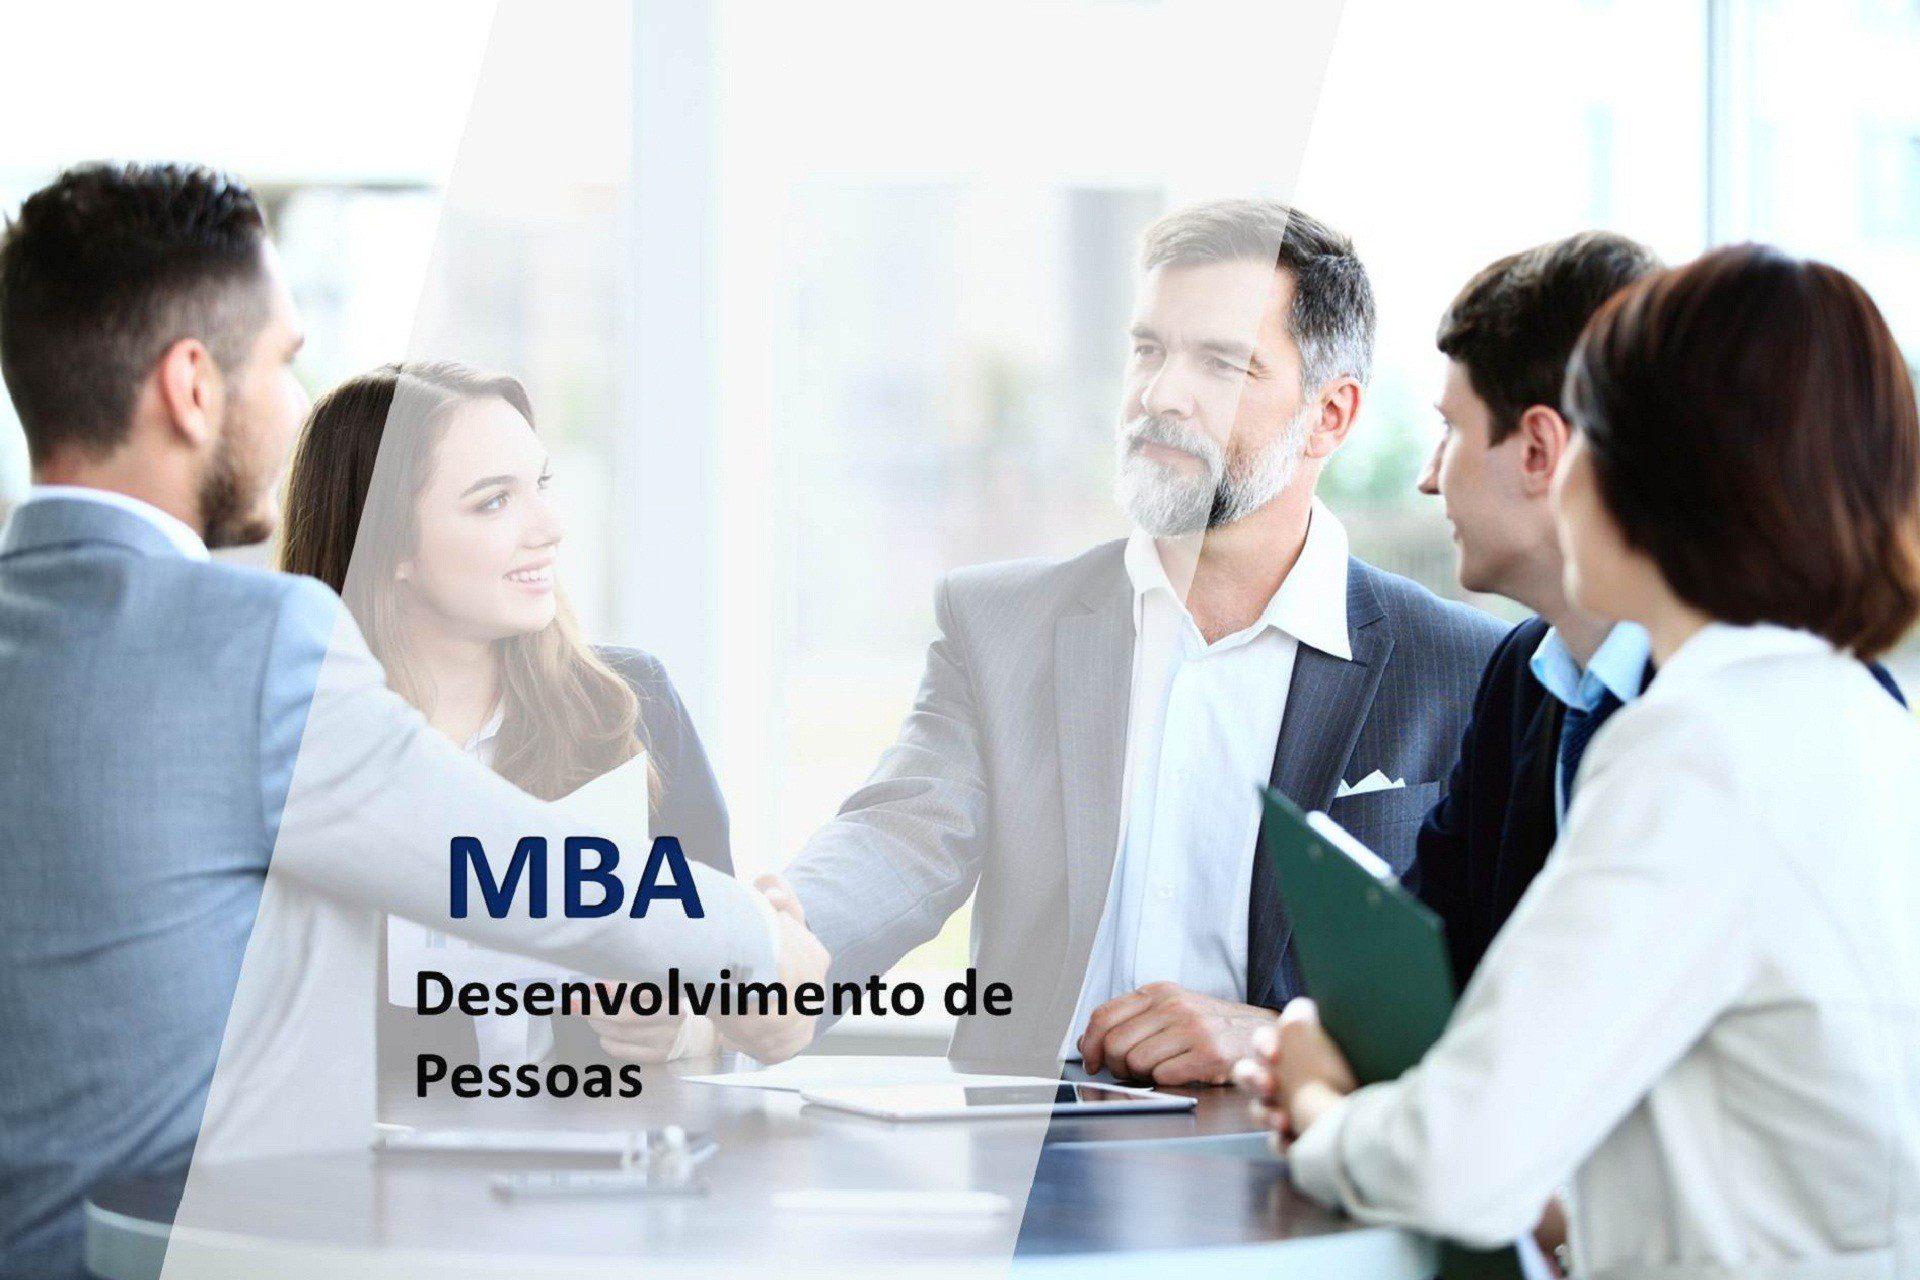 MBA em Desenvolvimento de Pessoas – Imagem escrita